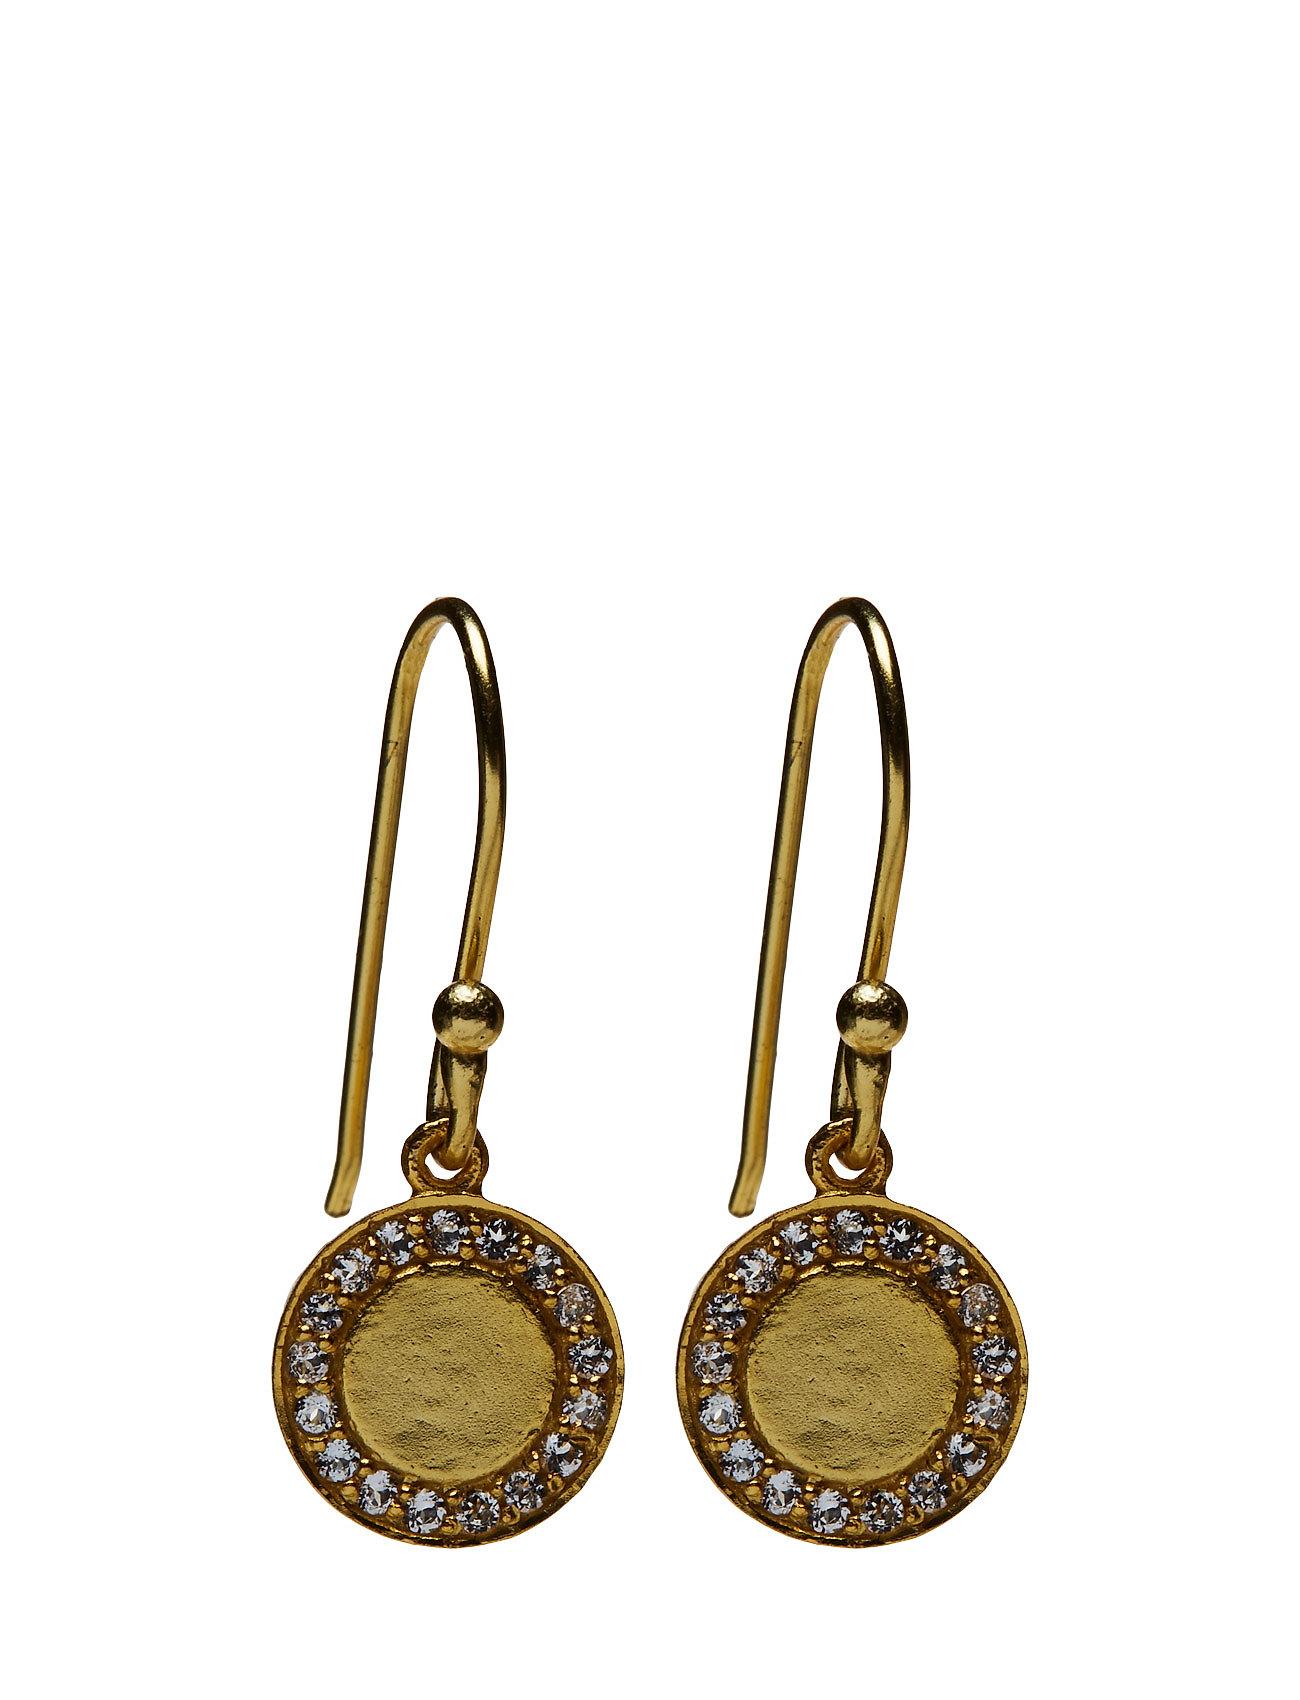 Halo Medalion Earrings - Jewlscph